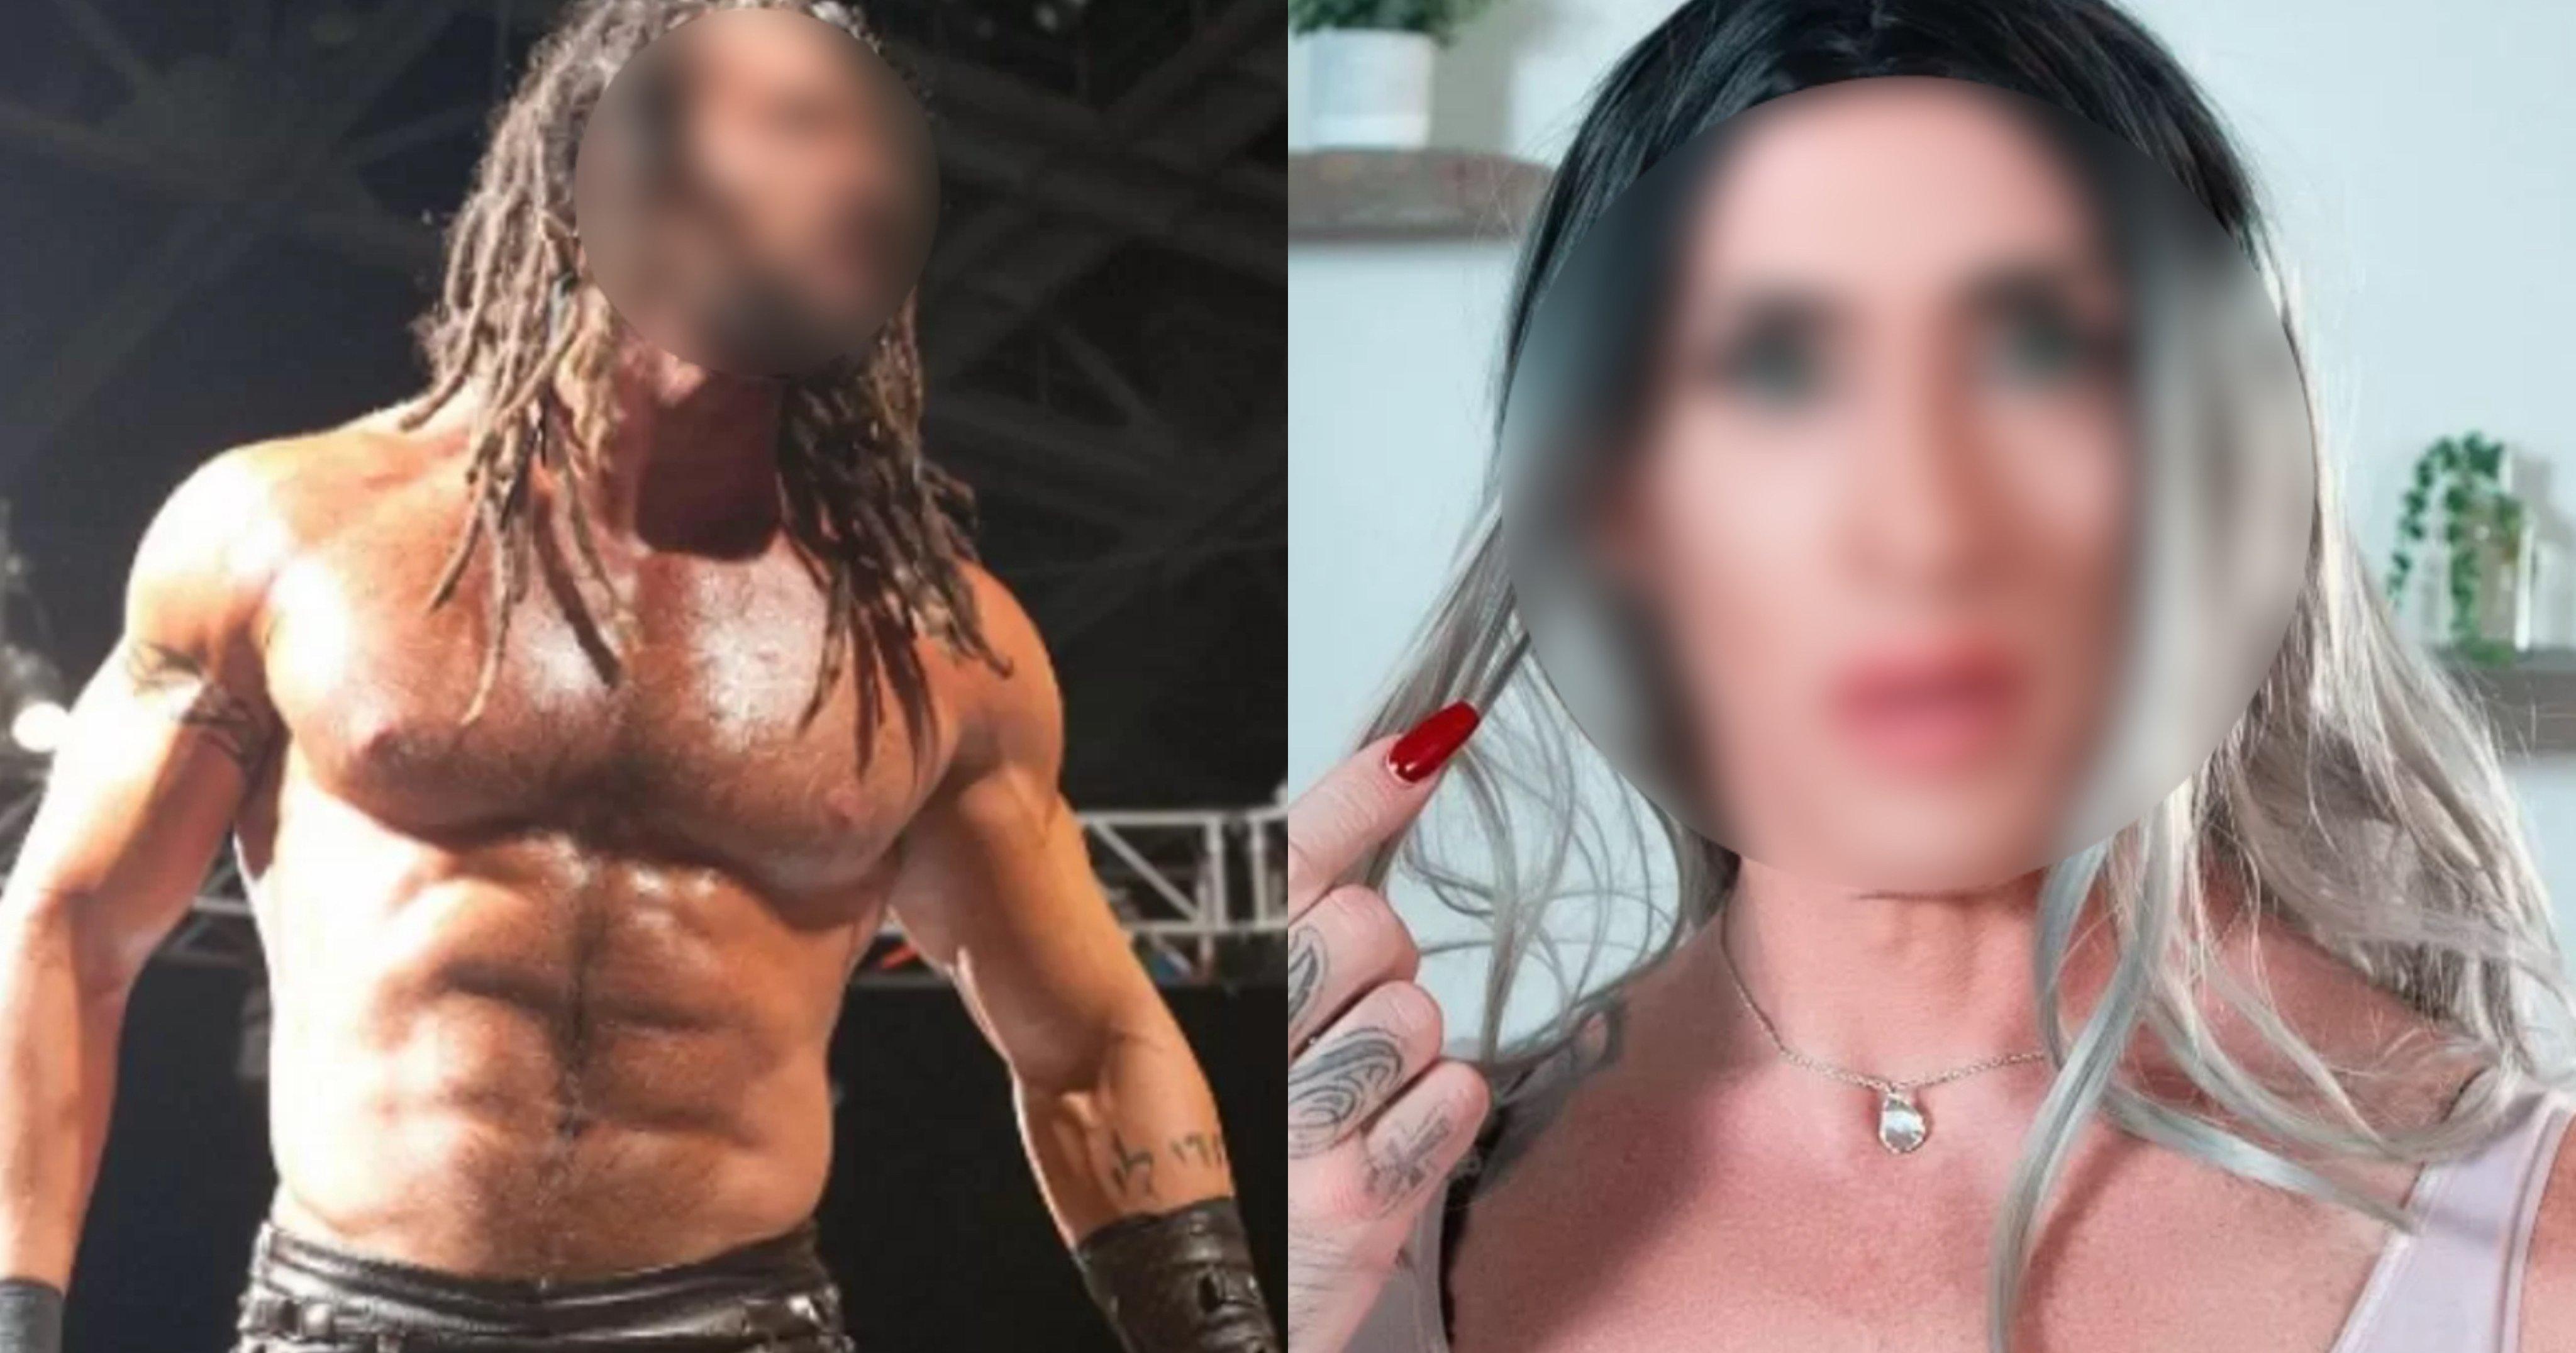 """b4621fd6 5283 45ca 946f f9f5a862db49.jpeg?resize=412,232 - """"이게 나의 모습이다""""라며 돌발 은퇴 후 사라졌던 WWE 전설이 7년 만에 공개한 충격적인 근황 (+사진)"""